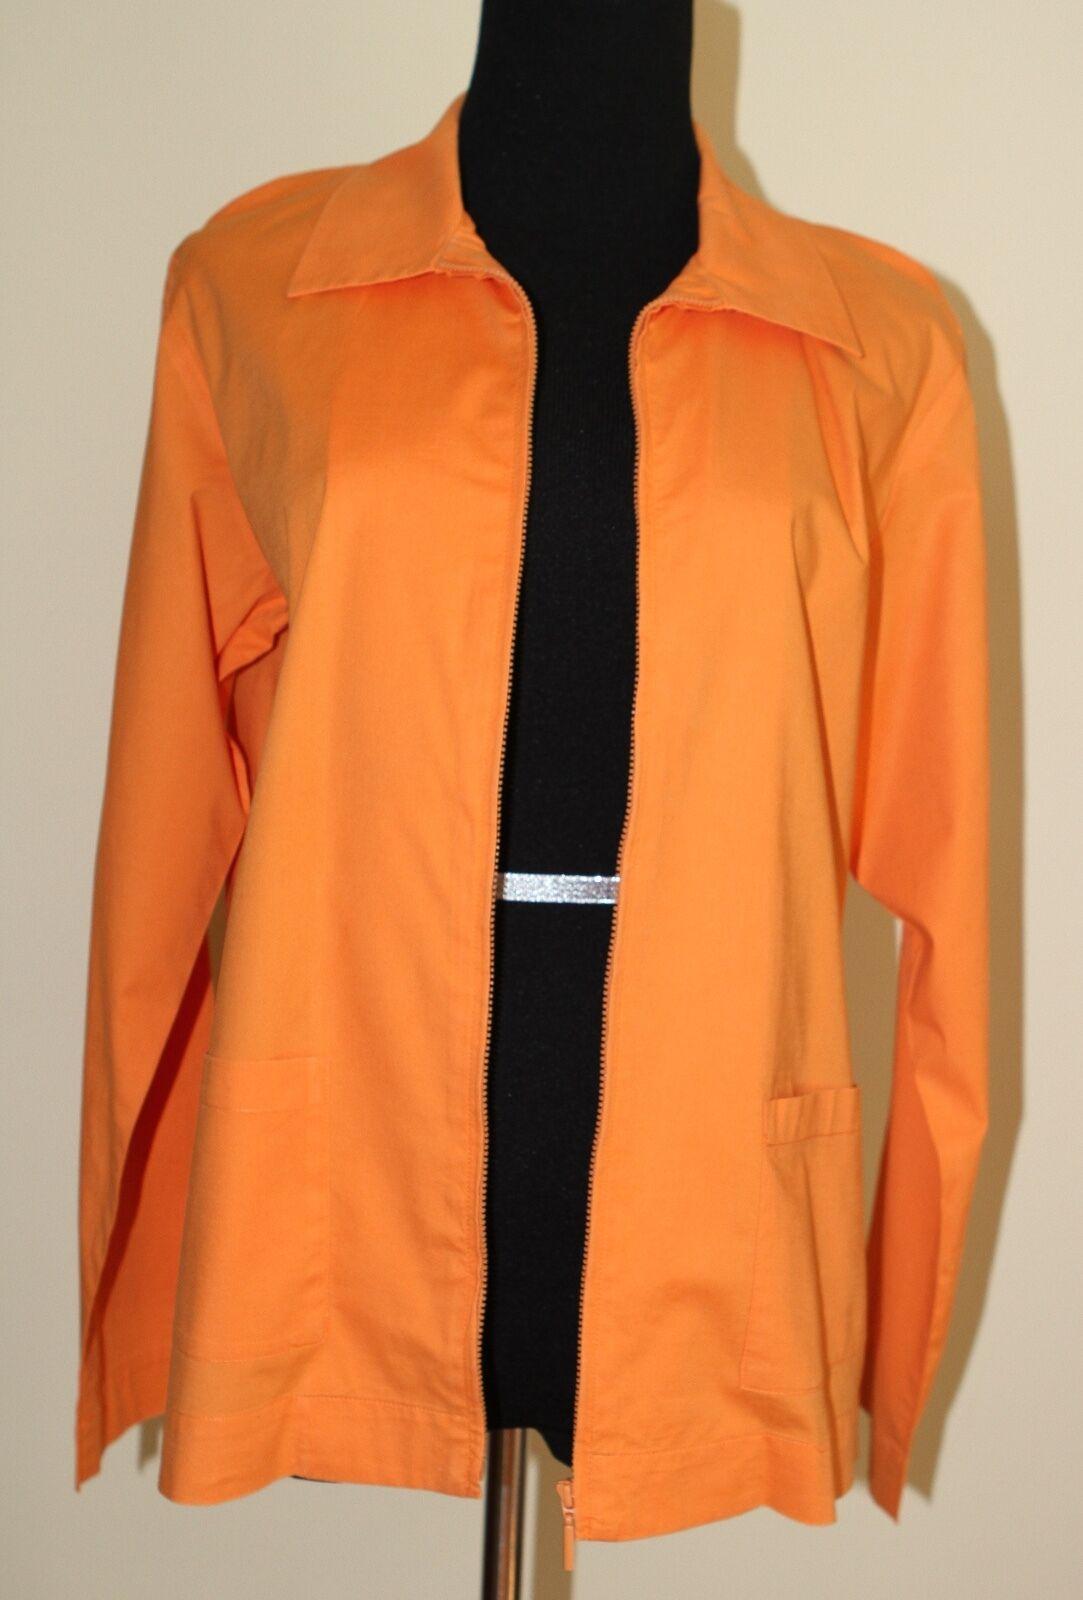 Eileen Fisher sz M Orange Cotton Stretch Zip Shirt Jacket